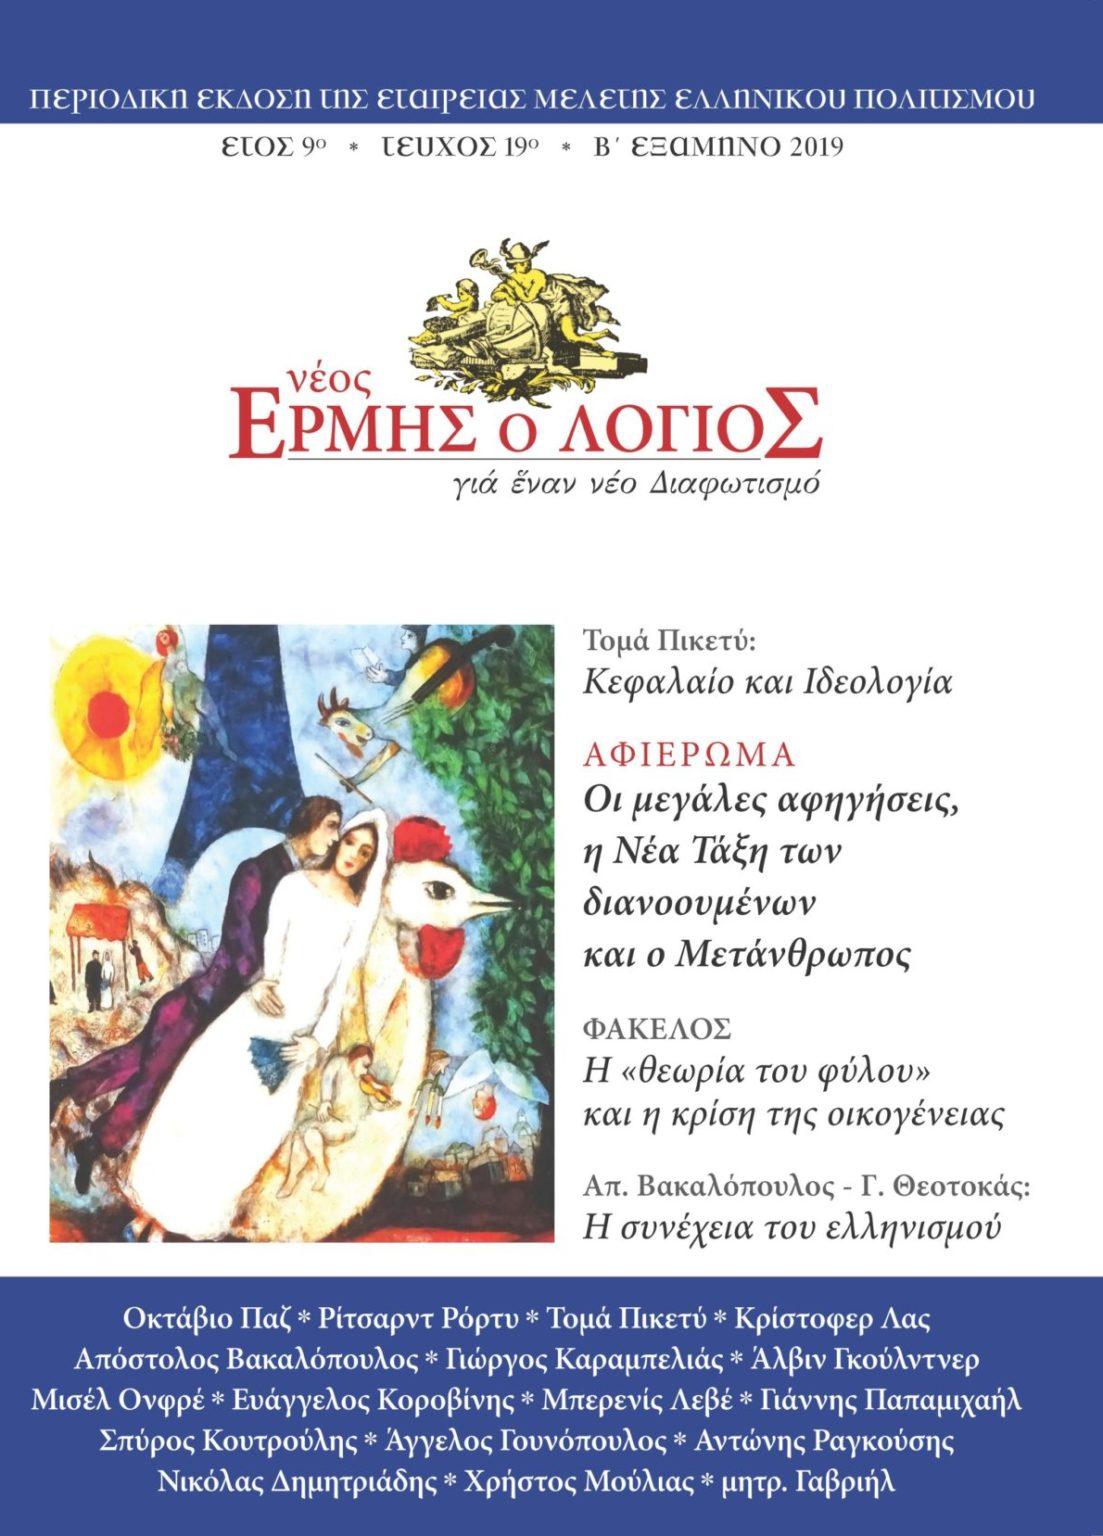 ΝΕΟΣ ΛΟΓΙΟΣ ΕΡΜΗΣ τ.19